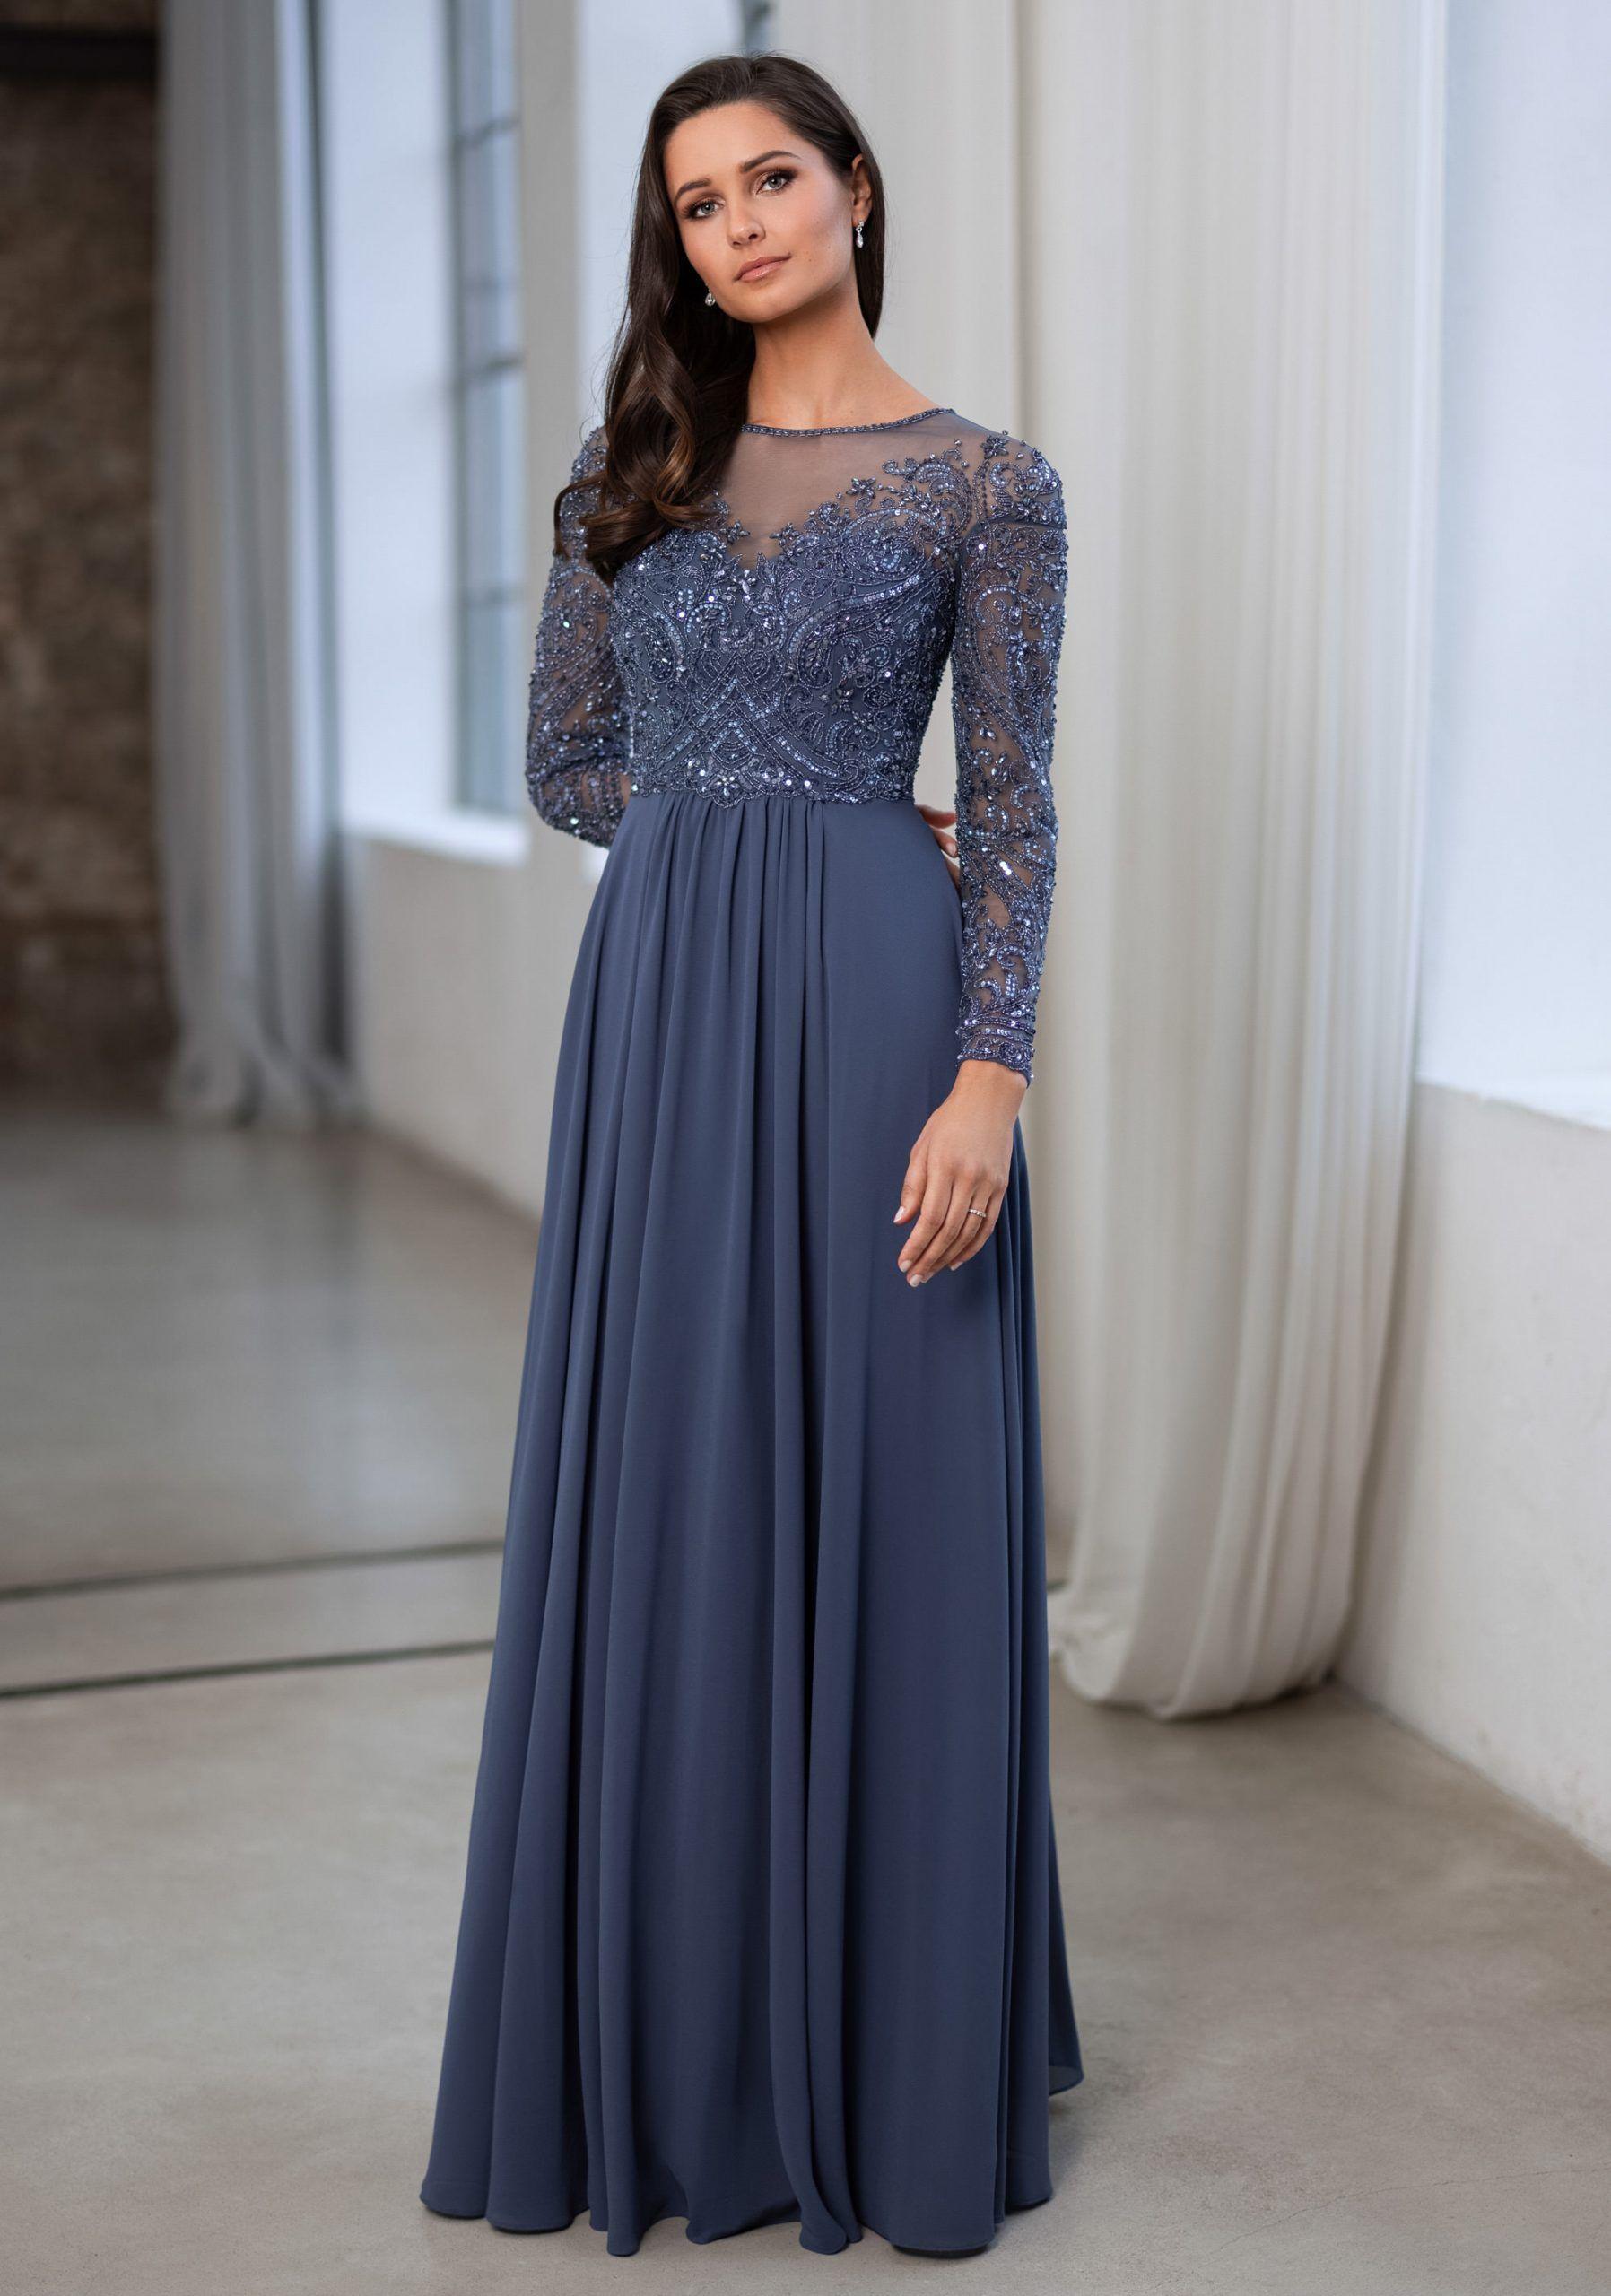 vestido de noche con mangas y aplicaciones de encaje en gris indigo